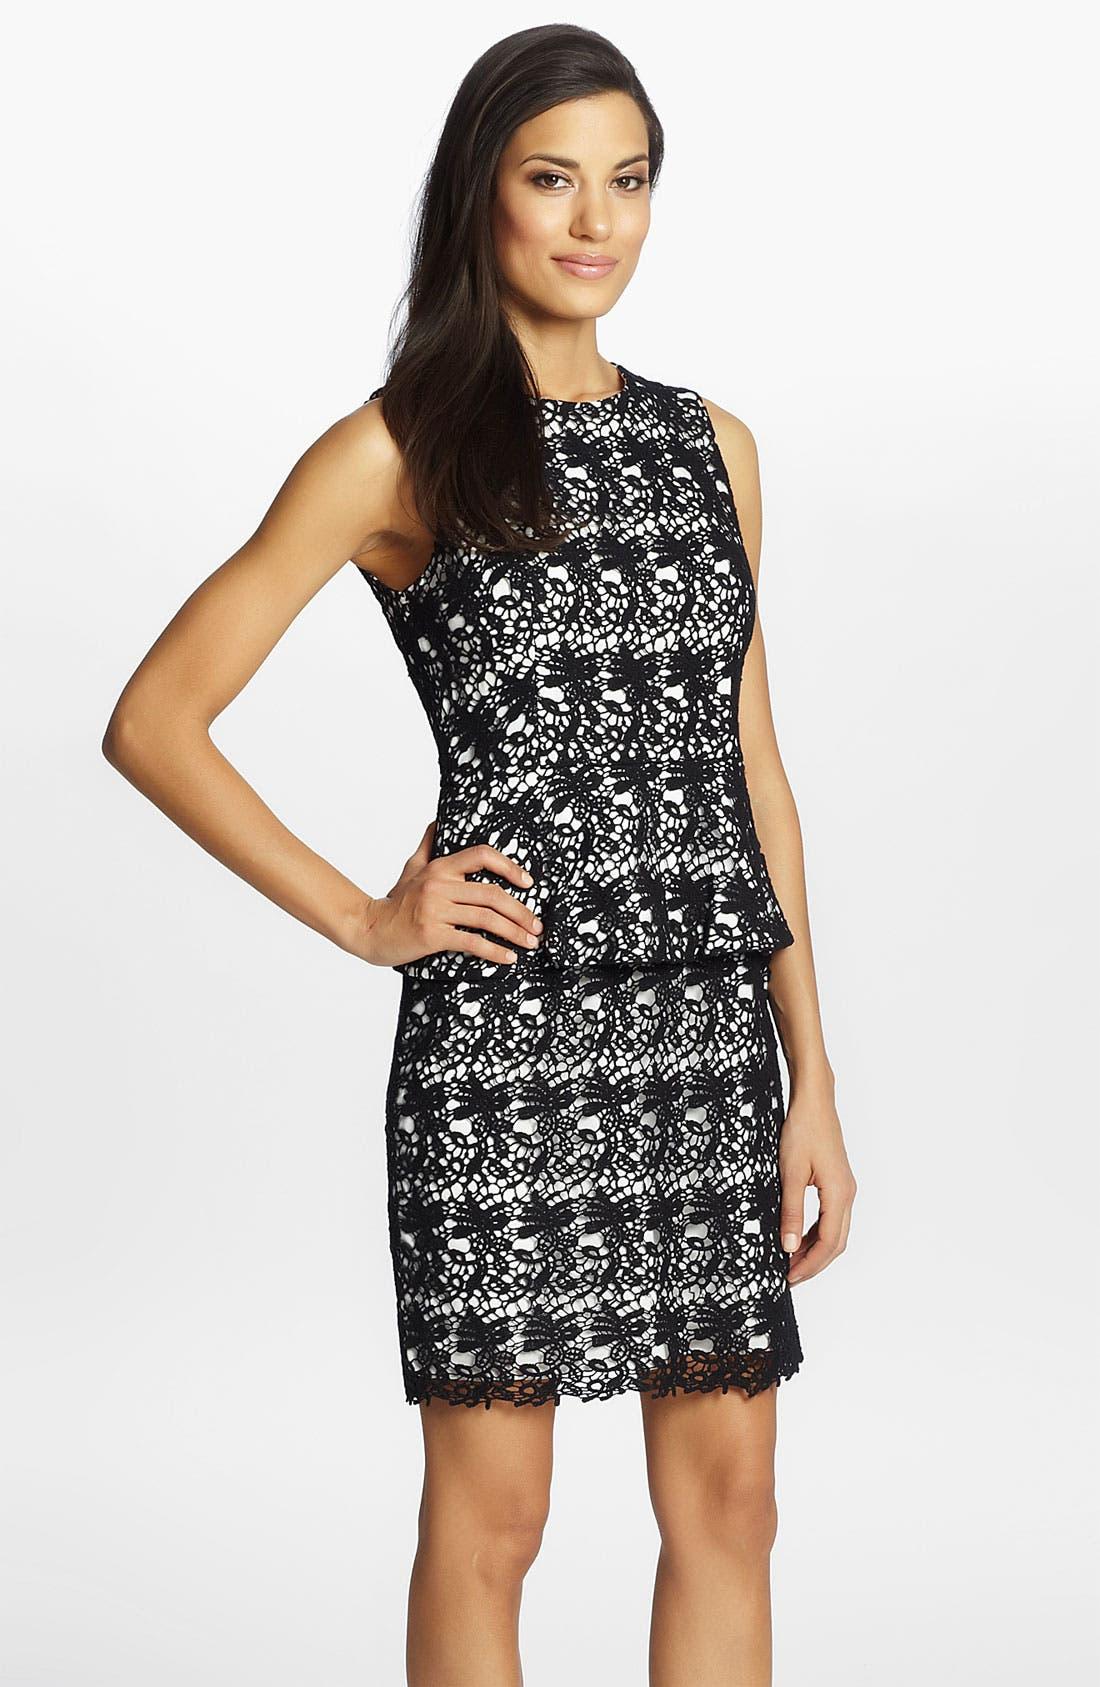 Main Image - Cynthia Steffe 'Camille' Lace Peplum Dress